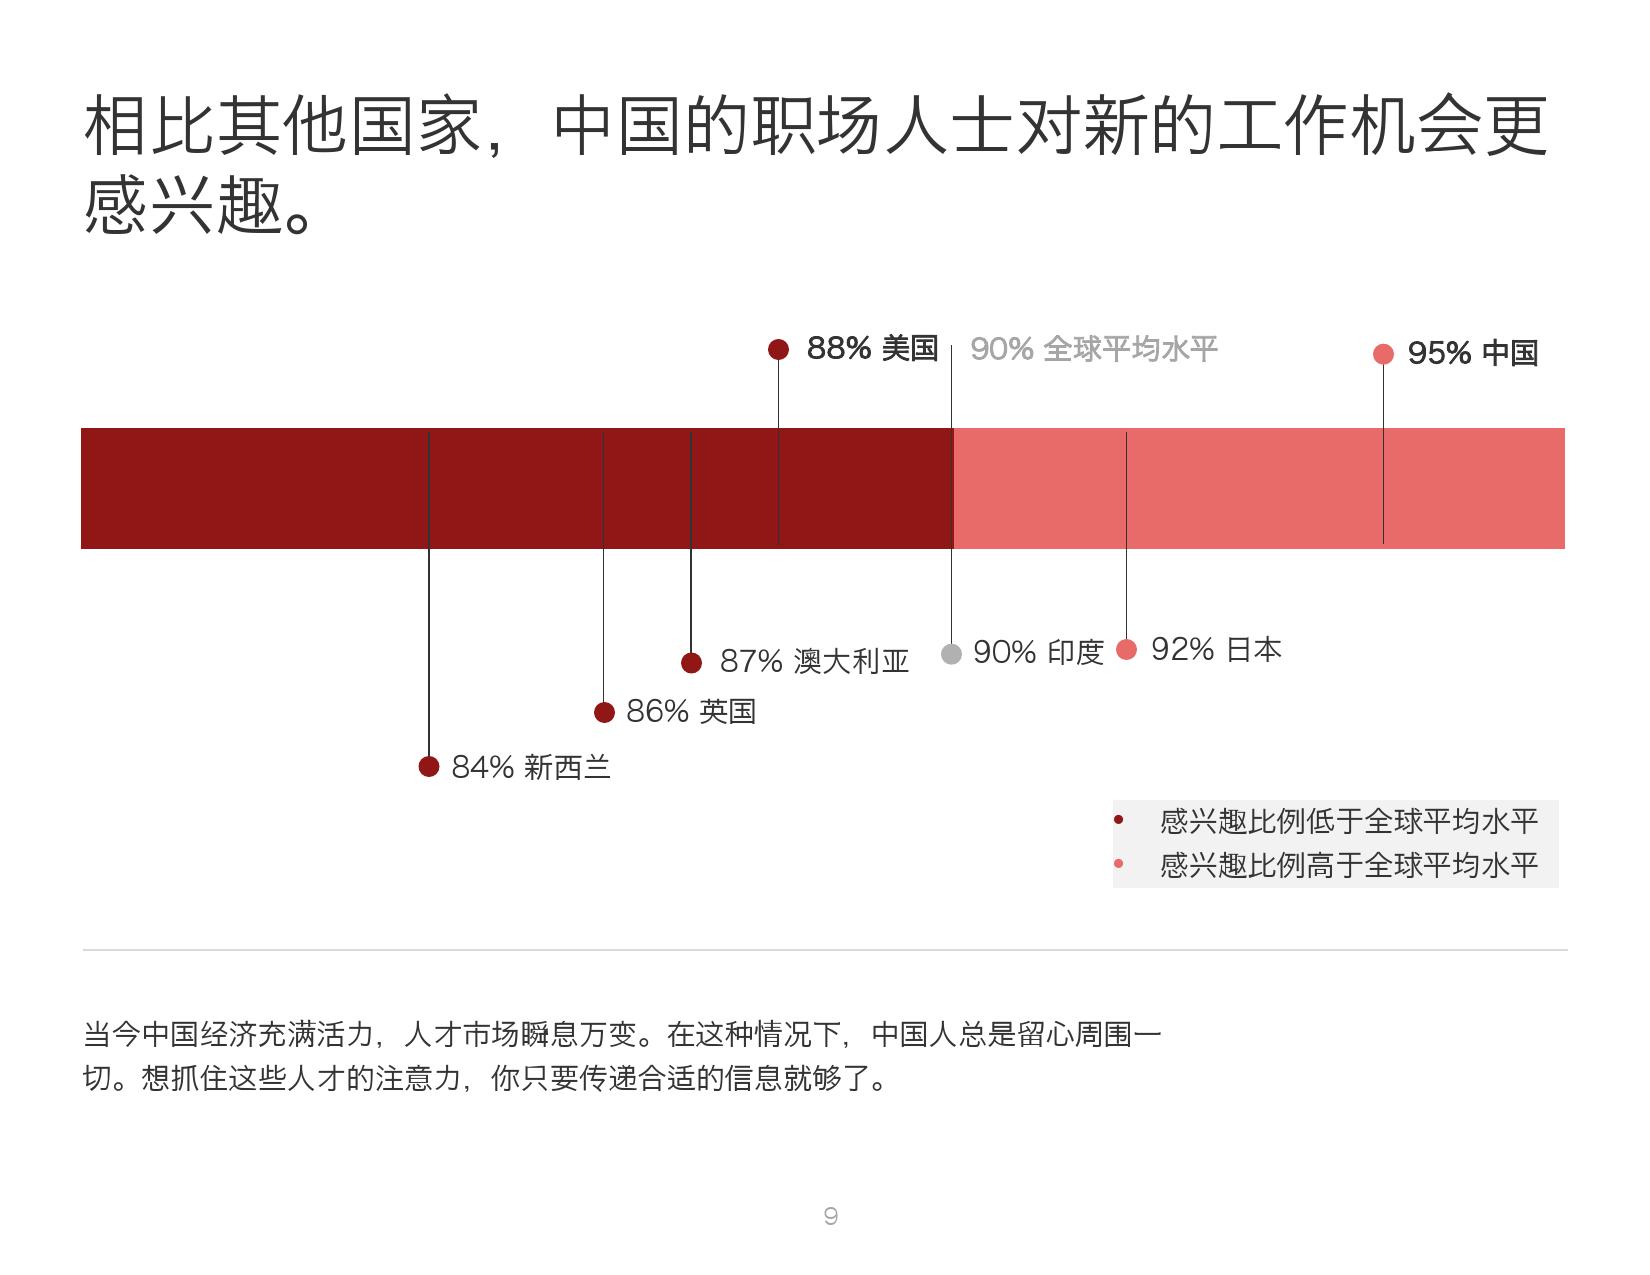 2016年中国人才趋势报告_000009